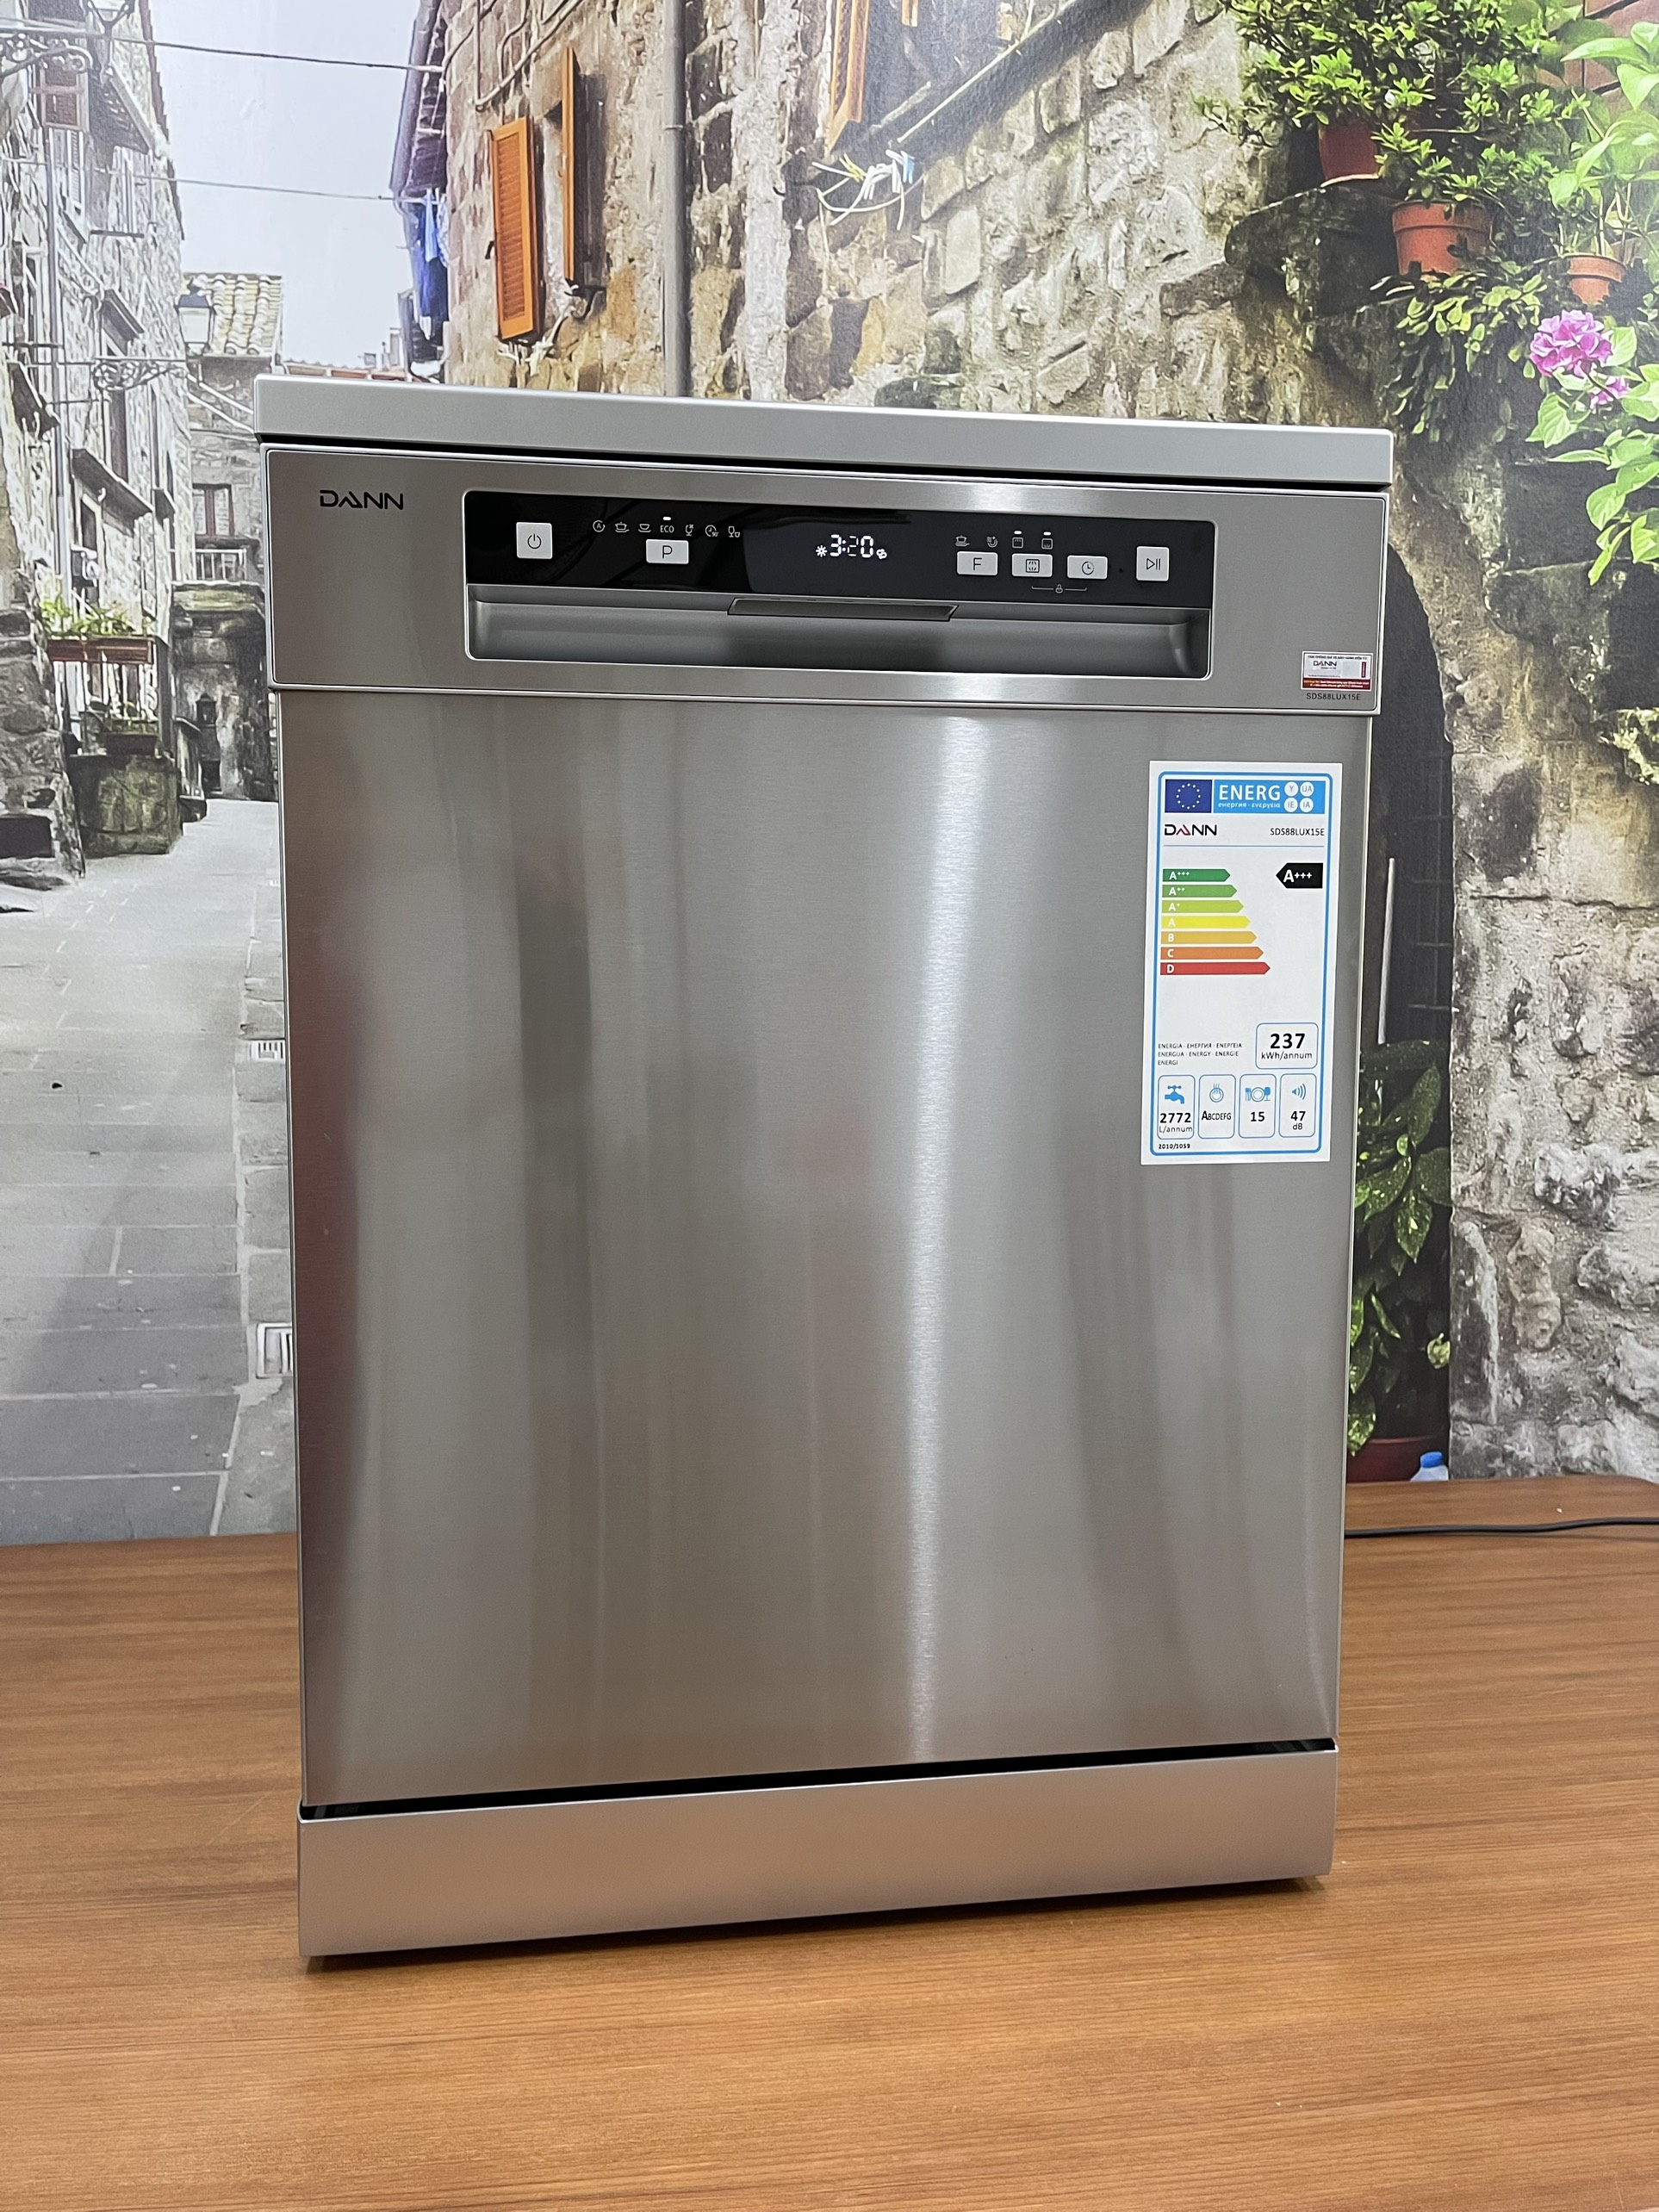 Máy rửa bát Dann SDS88LUX15E - Hàng chính hãng